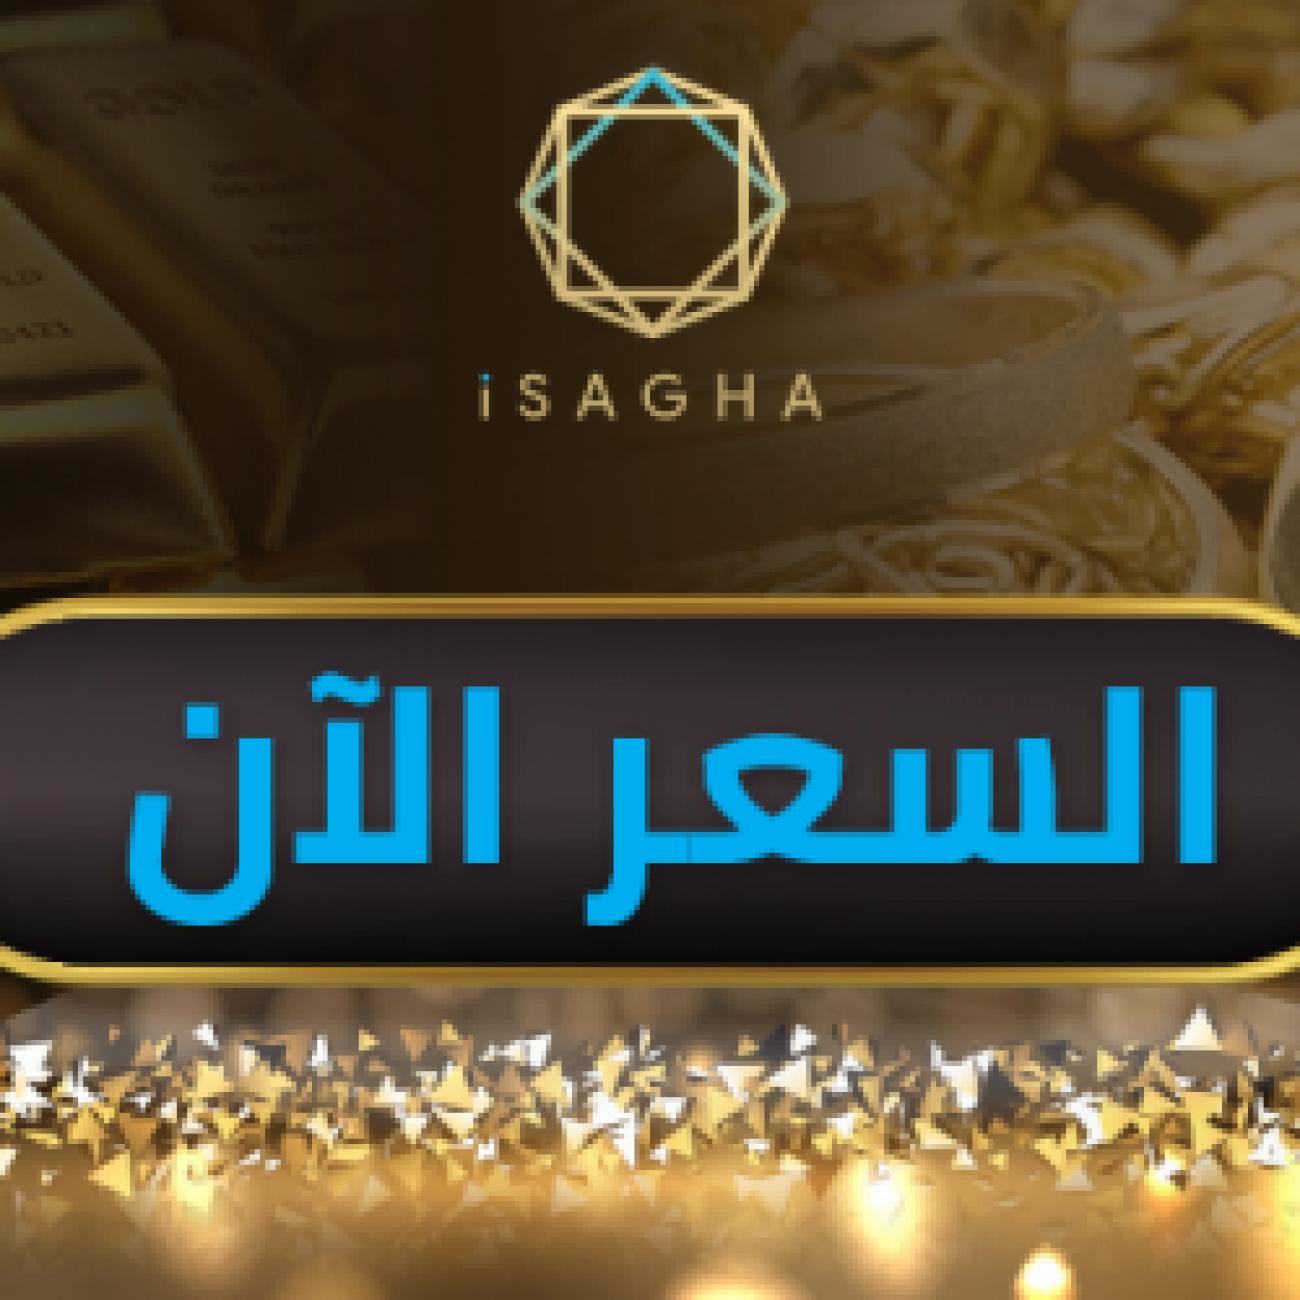 أسعار الذهب في مصر اليوم الثلاثاء 26/1/2021